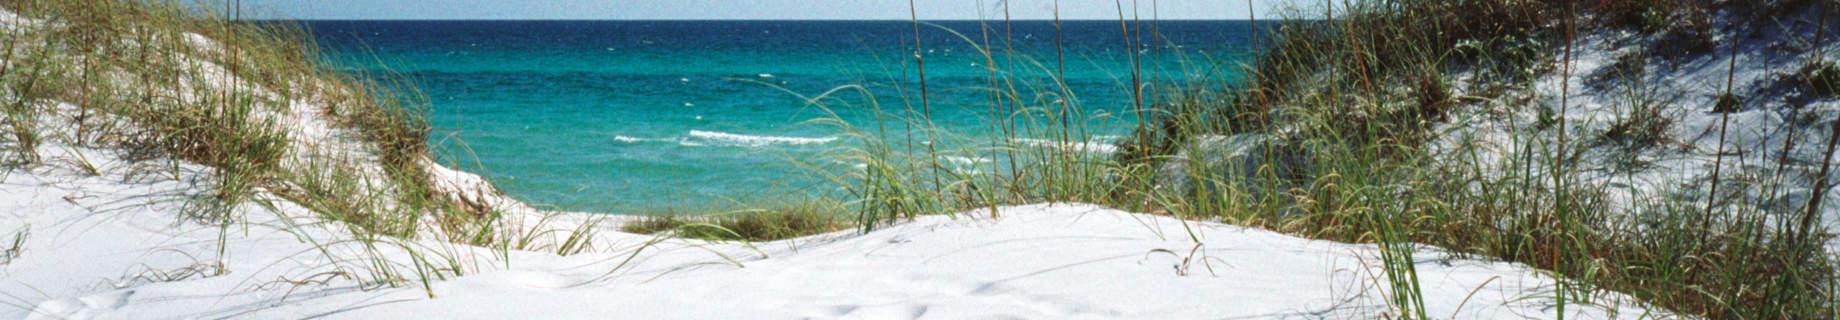 Myrtle Beach Ocean Dunes Vacation